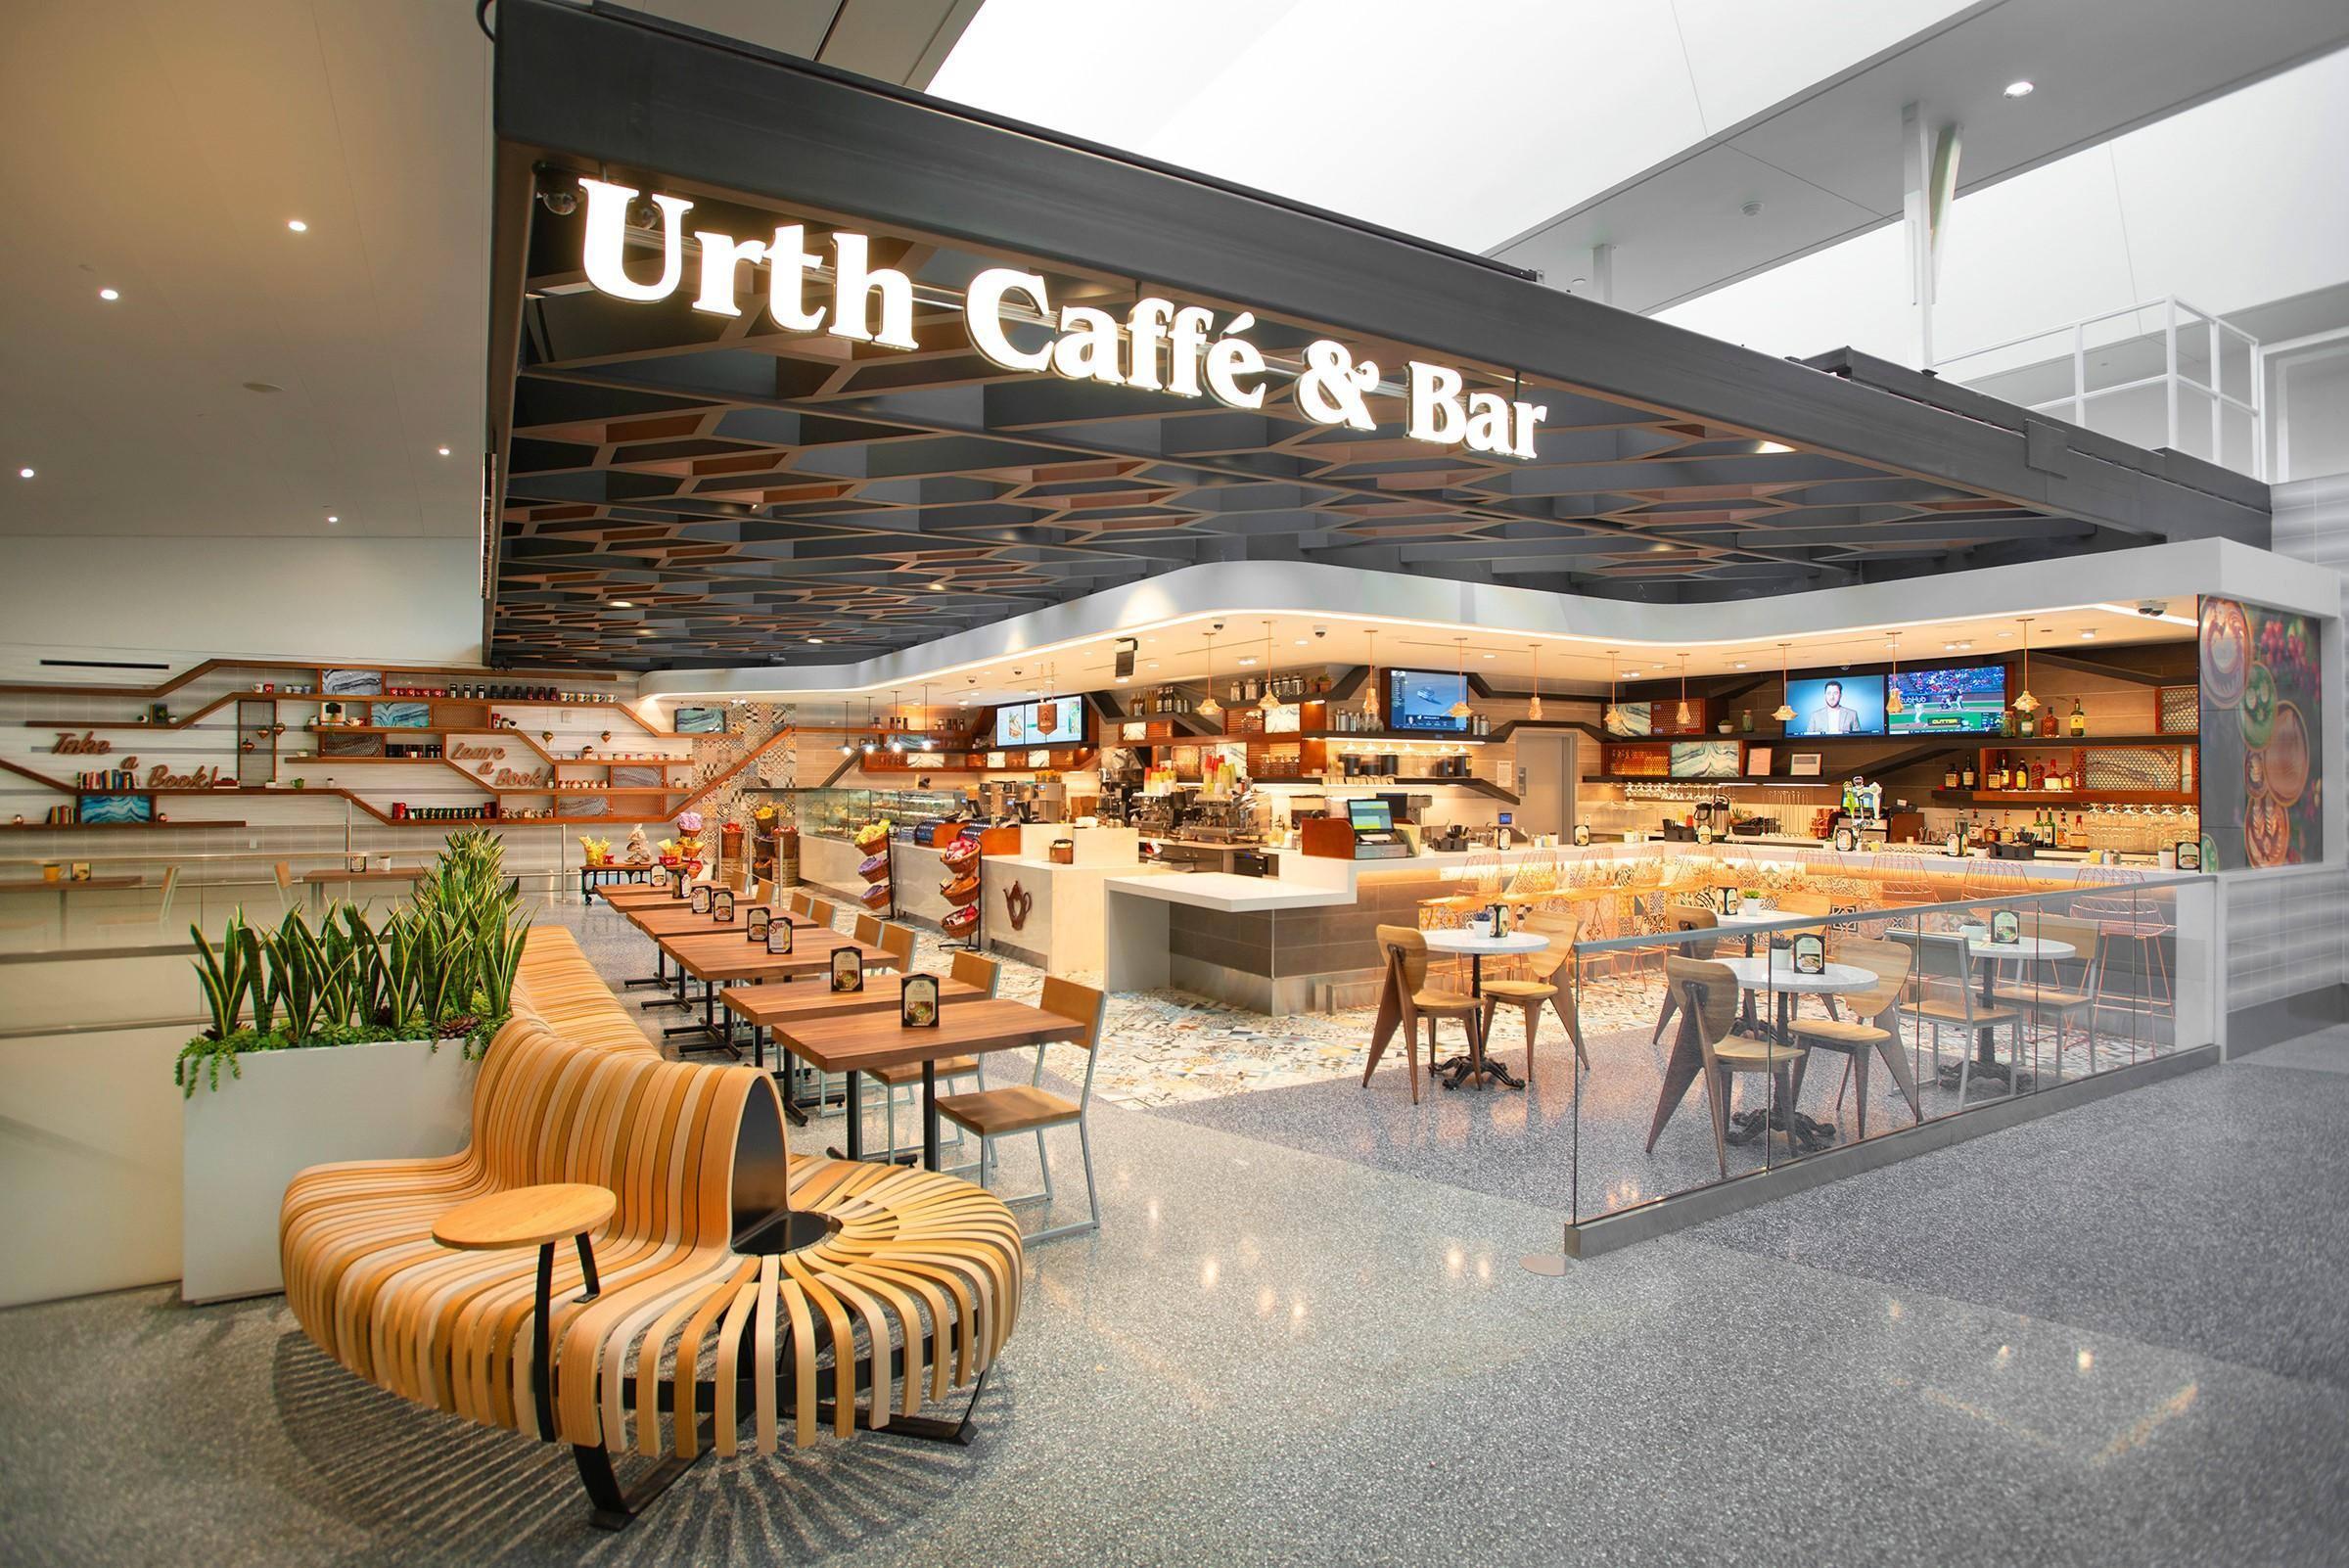 Urth Caffe Lax